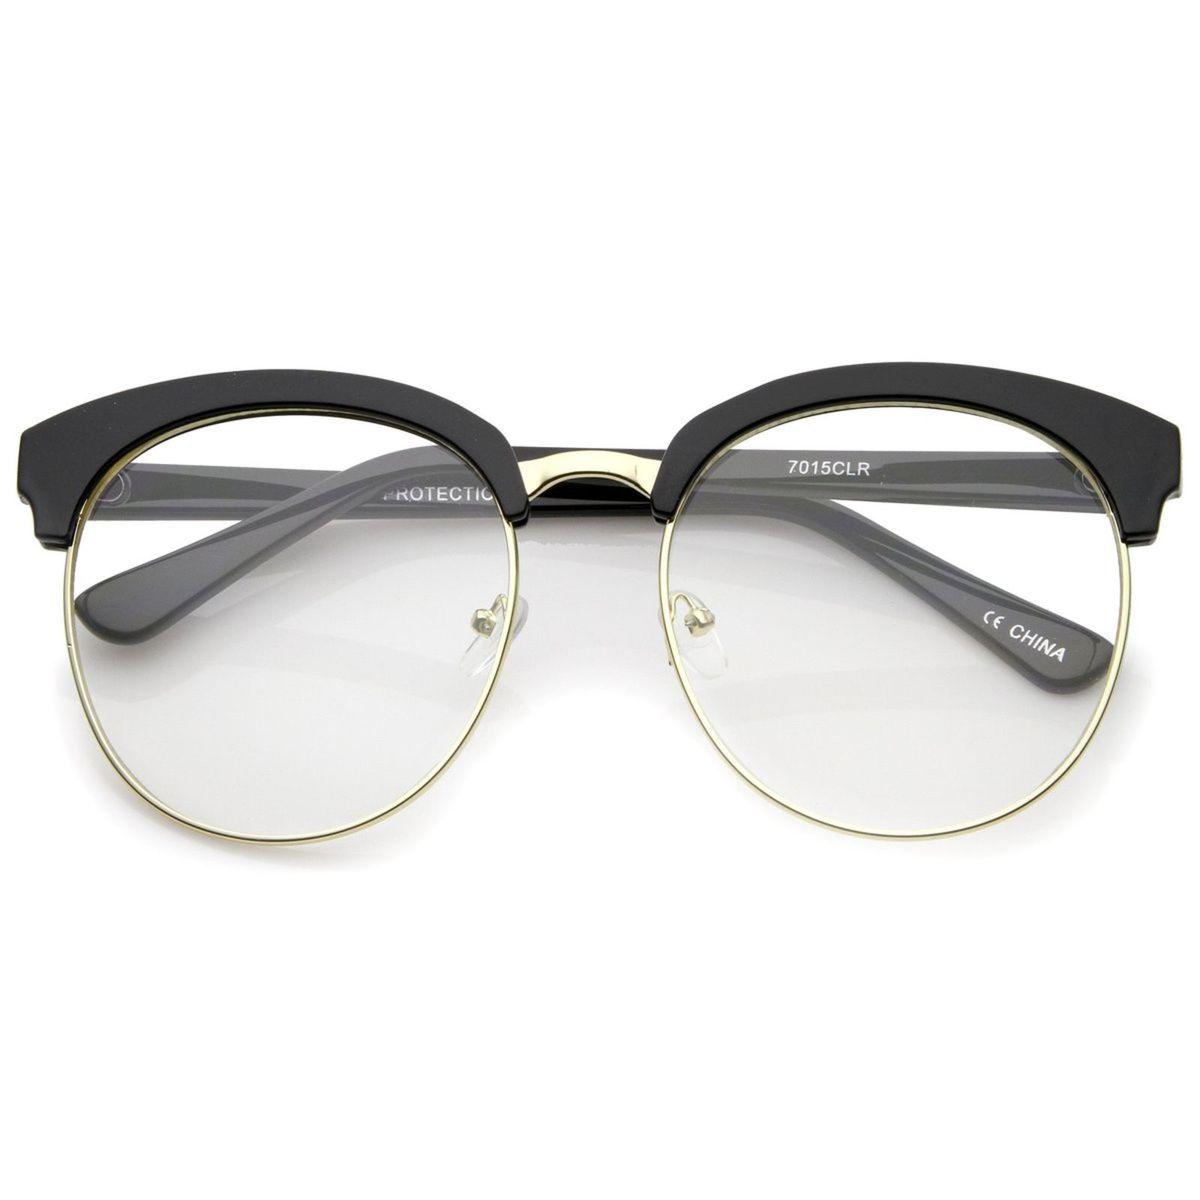 c8e493e5071b9 Armação Óculos para Grau - Unissex - Hipster - Redondo